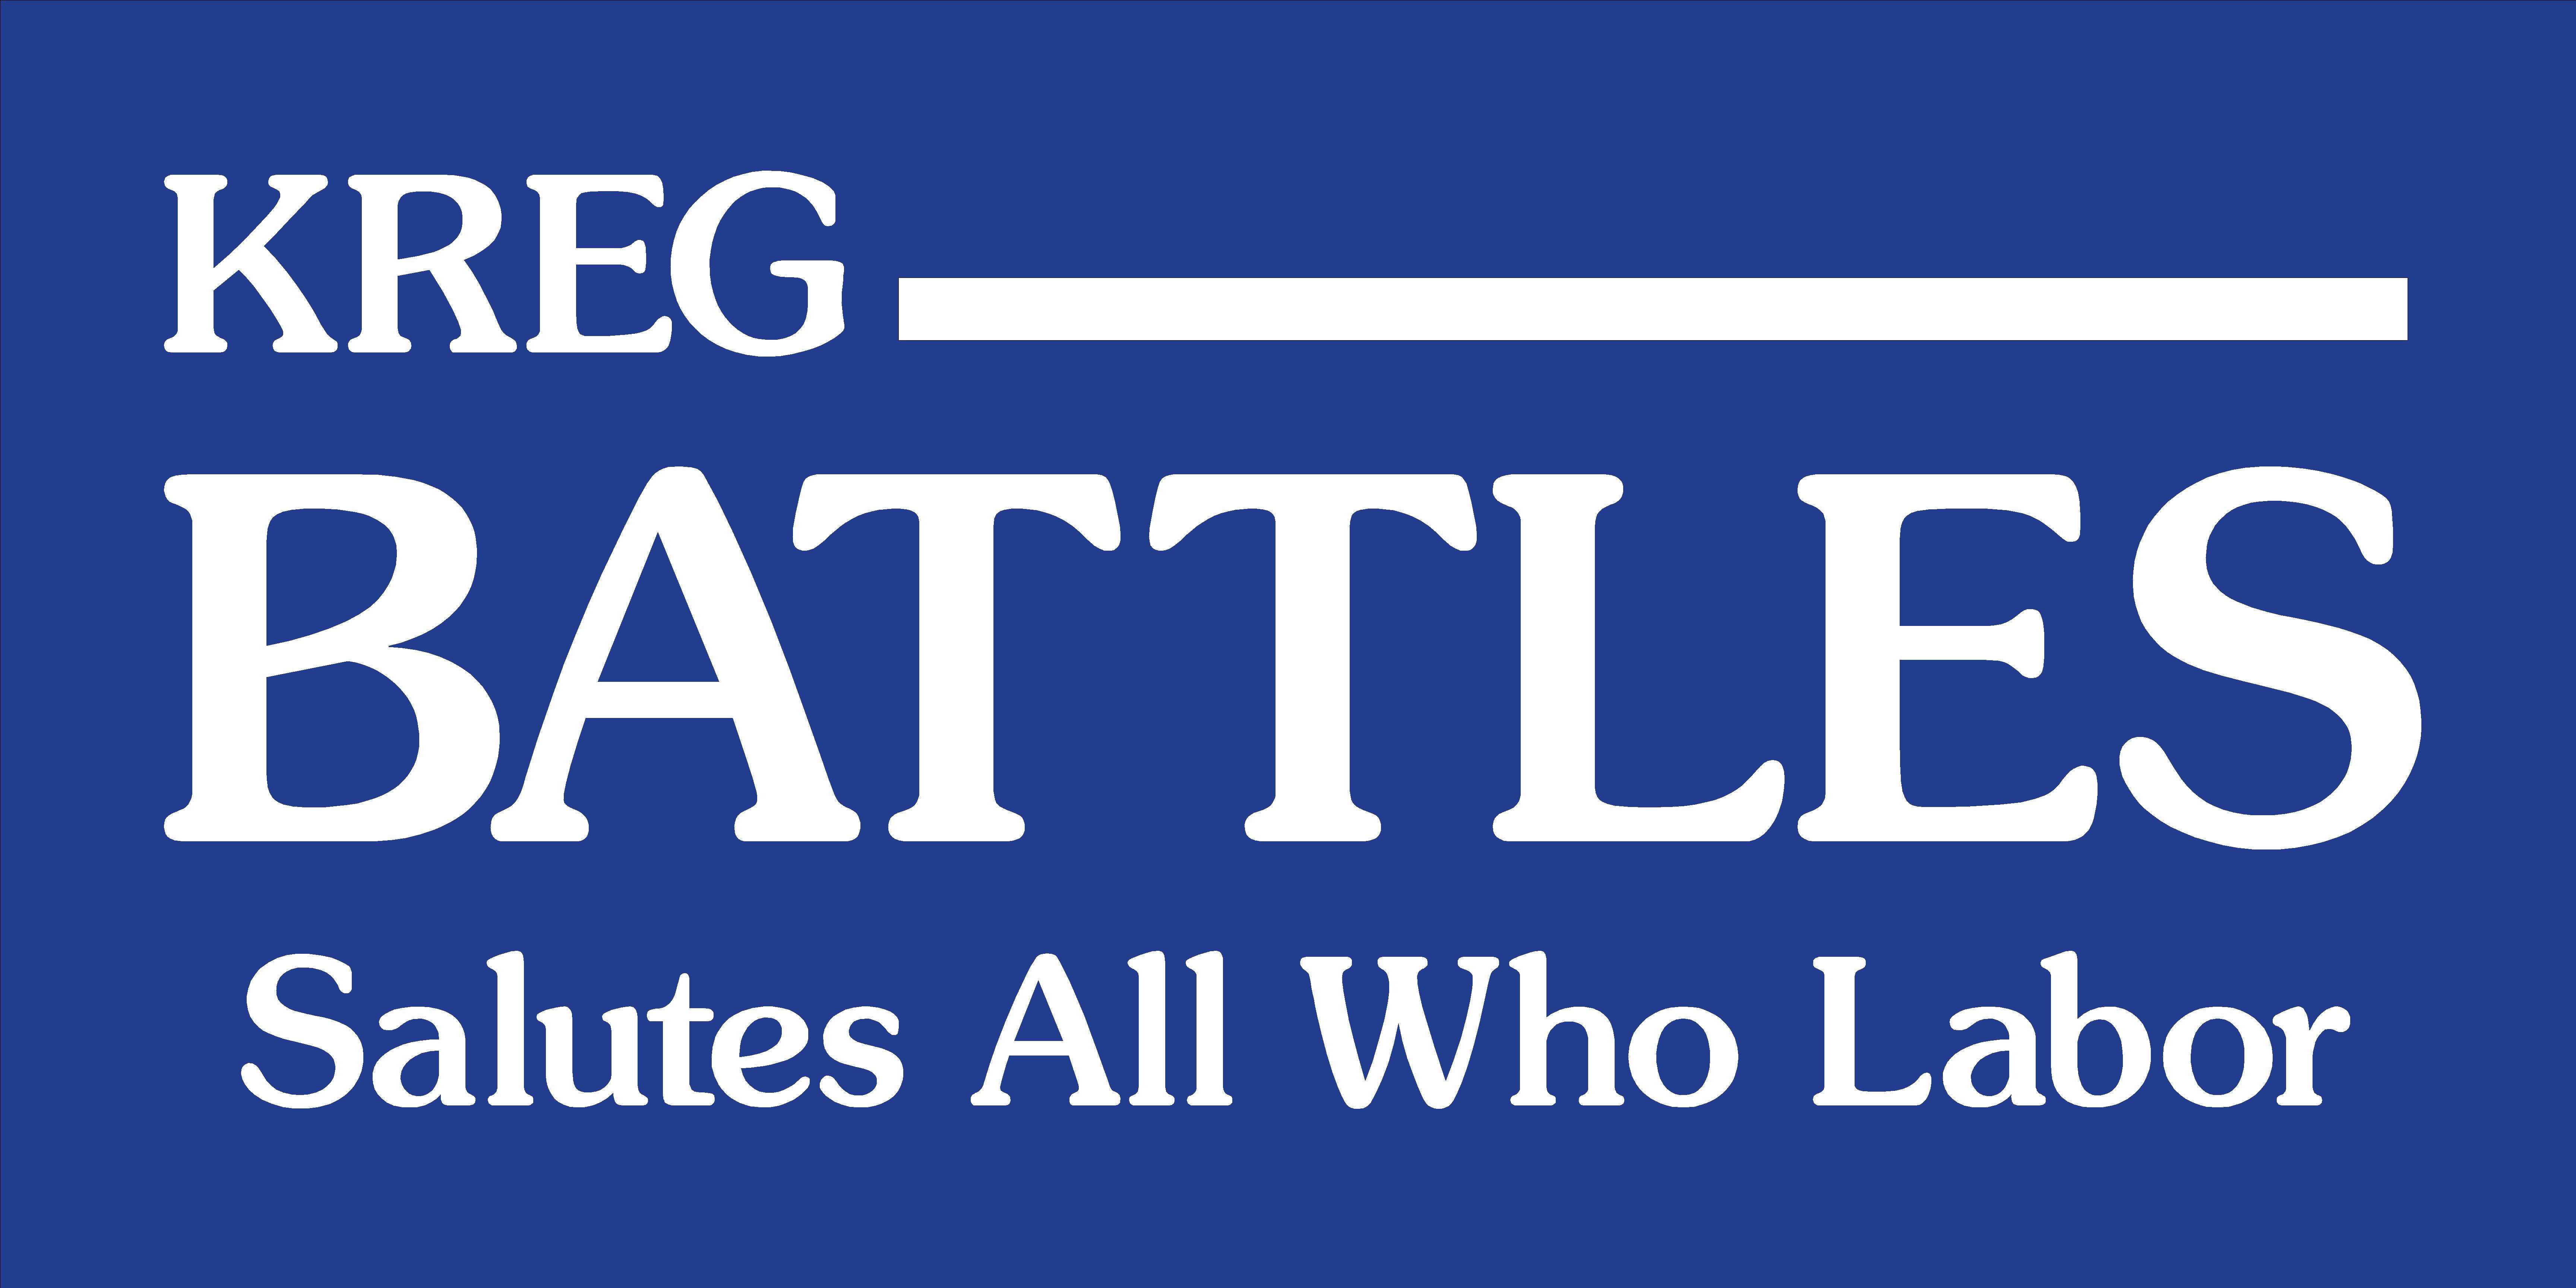 Kreg-Battles